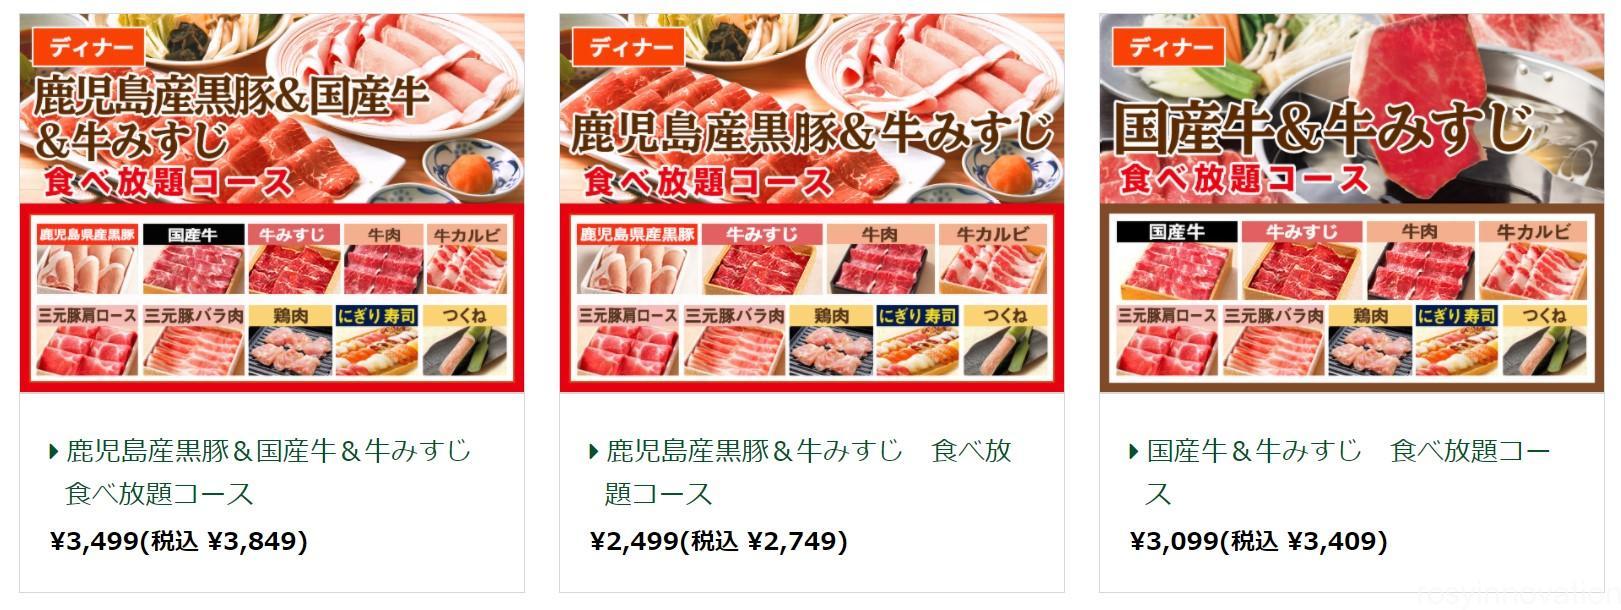 しゃぶ葉倉敷店の食べ放題料金 (6)